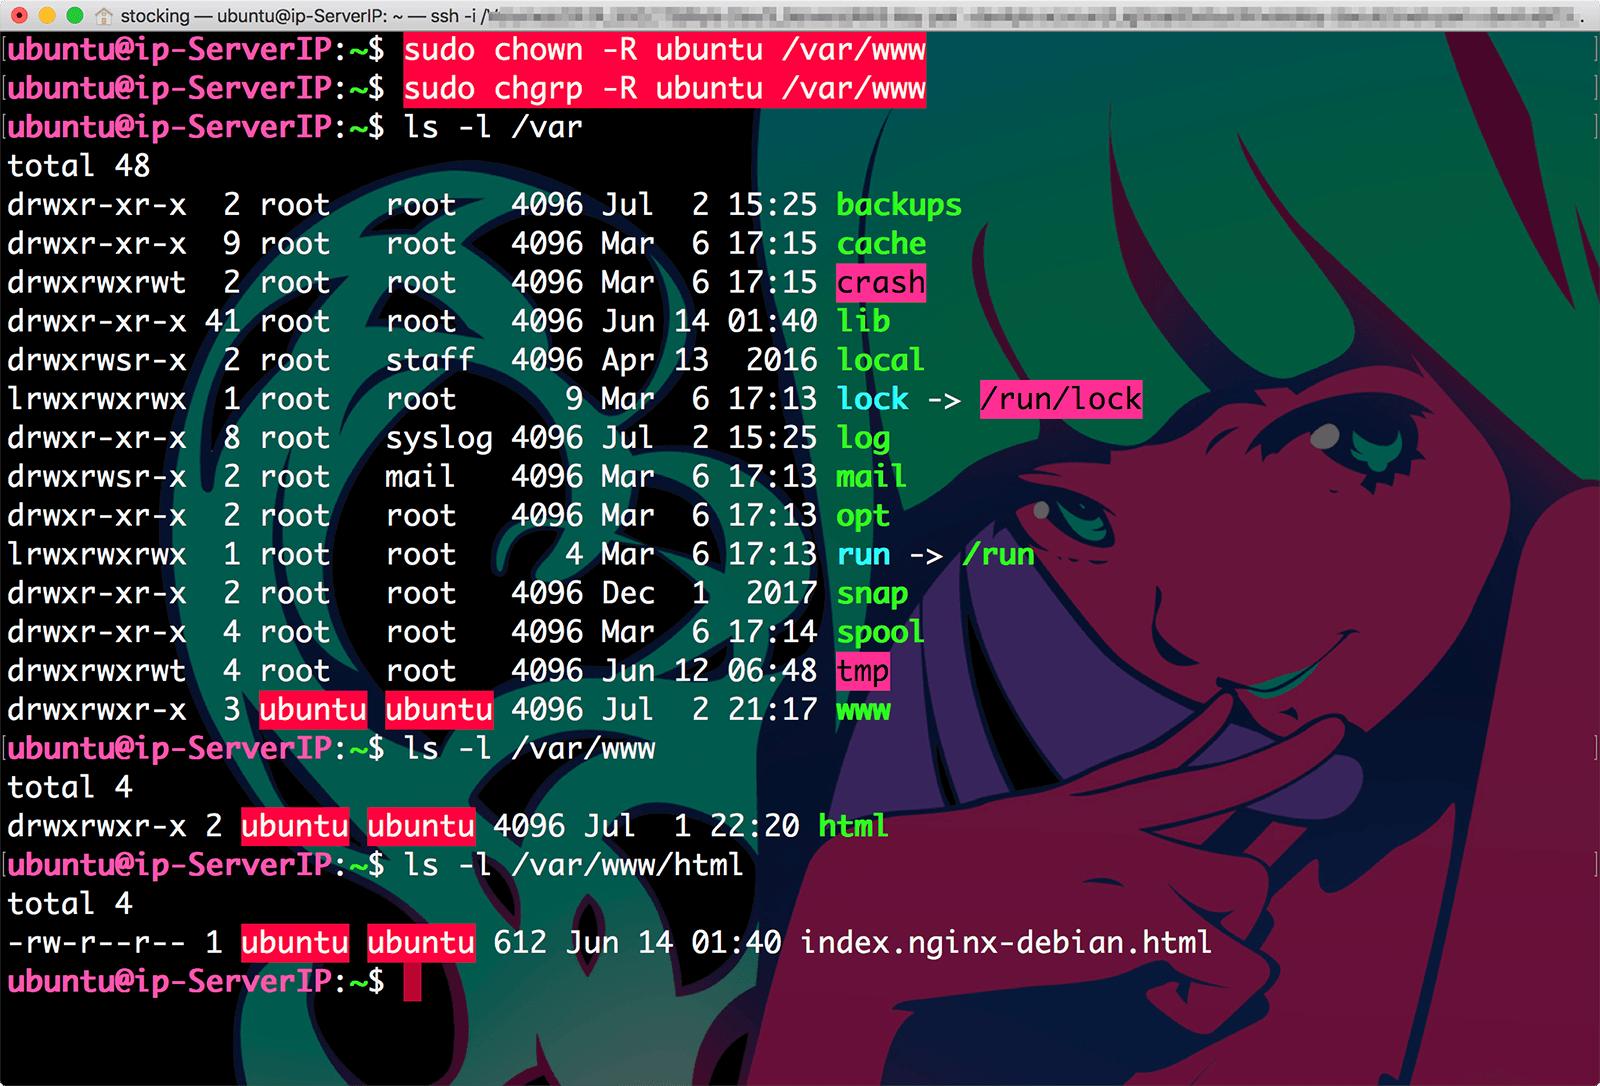 리눅스 명령어 chown 과 chgrp